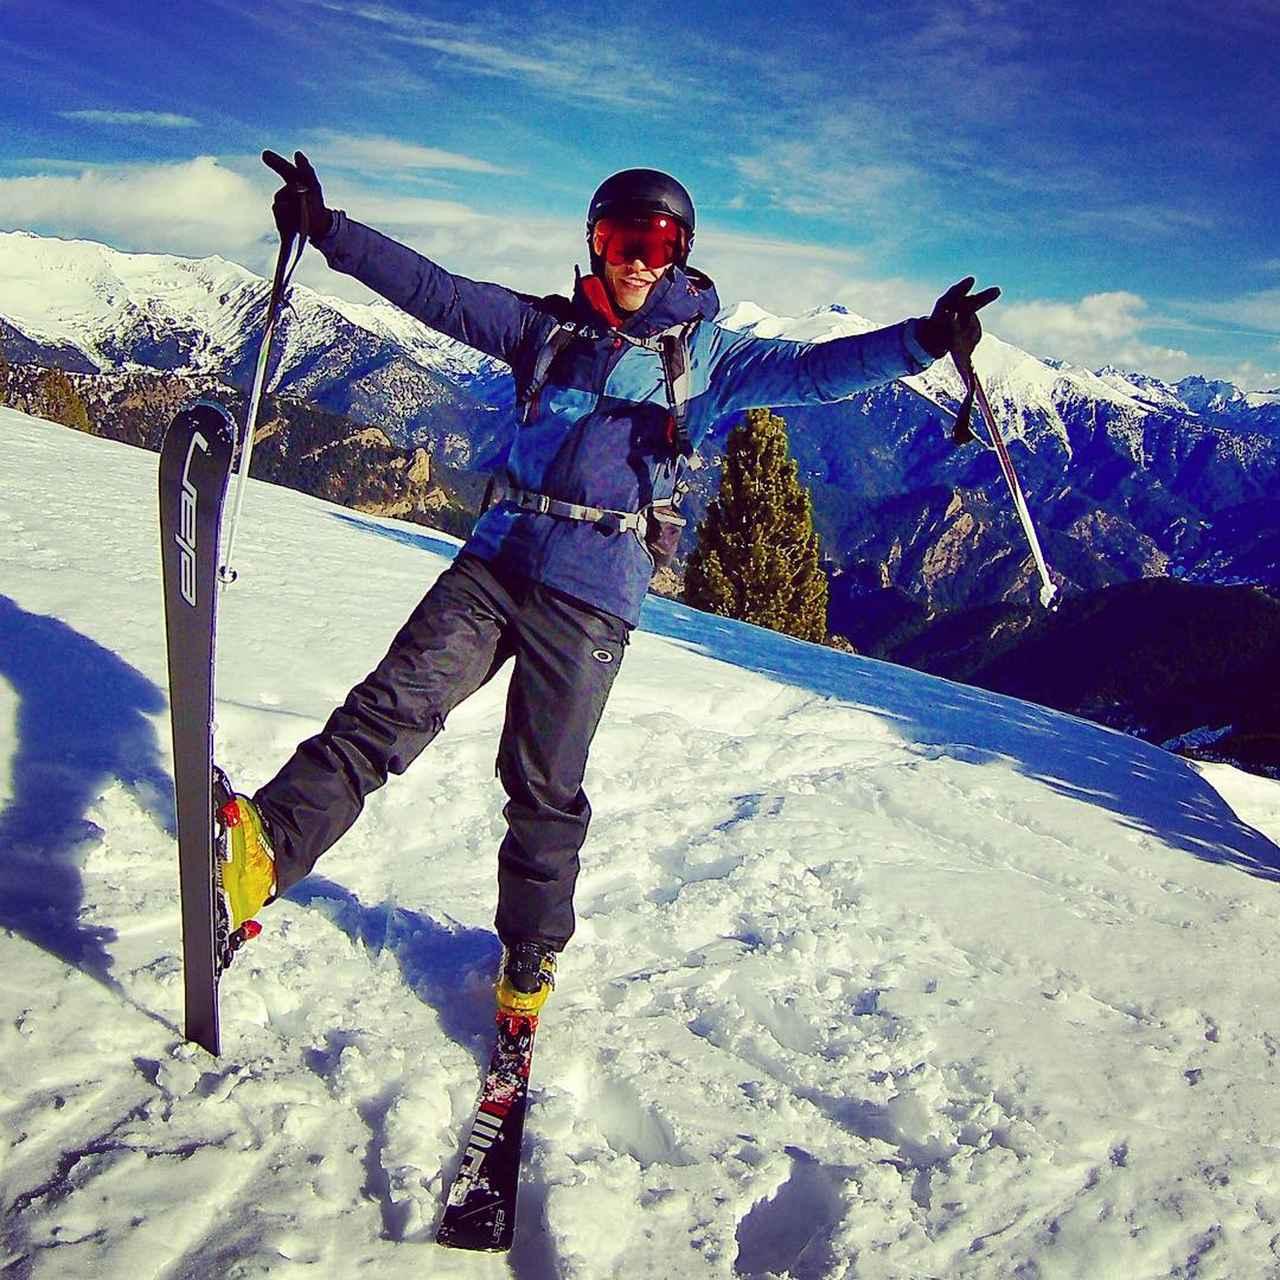 画像1: Marc MárquezさんはInstagramを利用しています:「#mountain #ski #winter #2018」 www.instagram.com